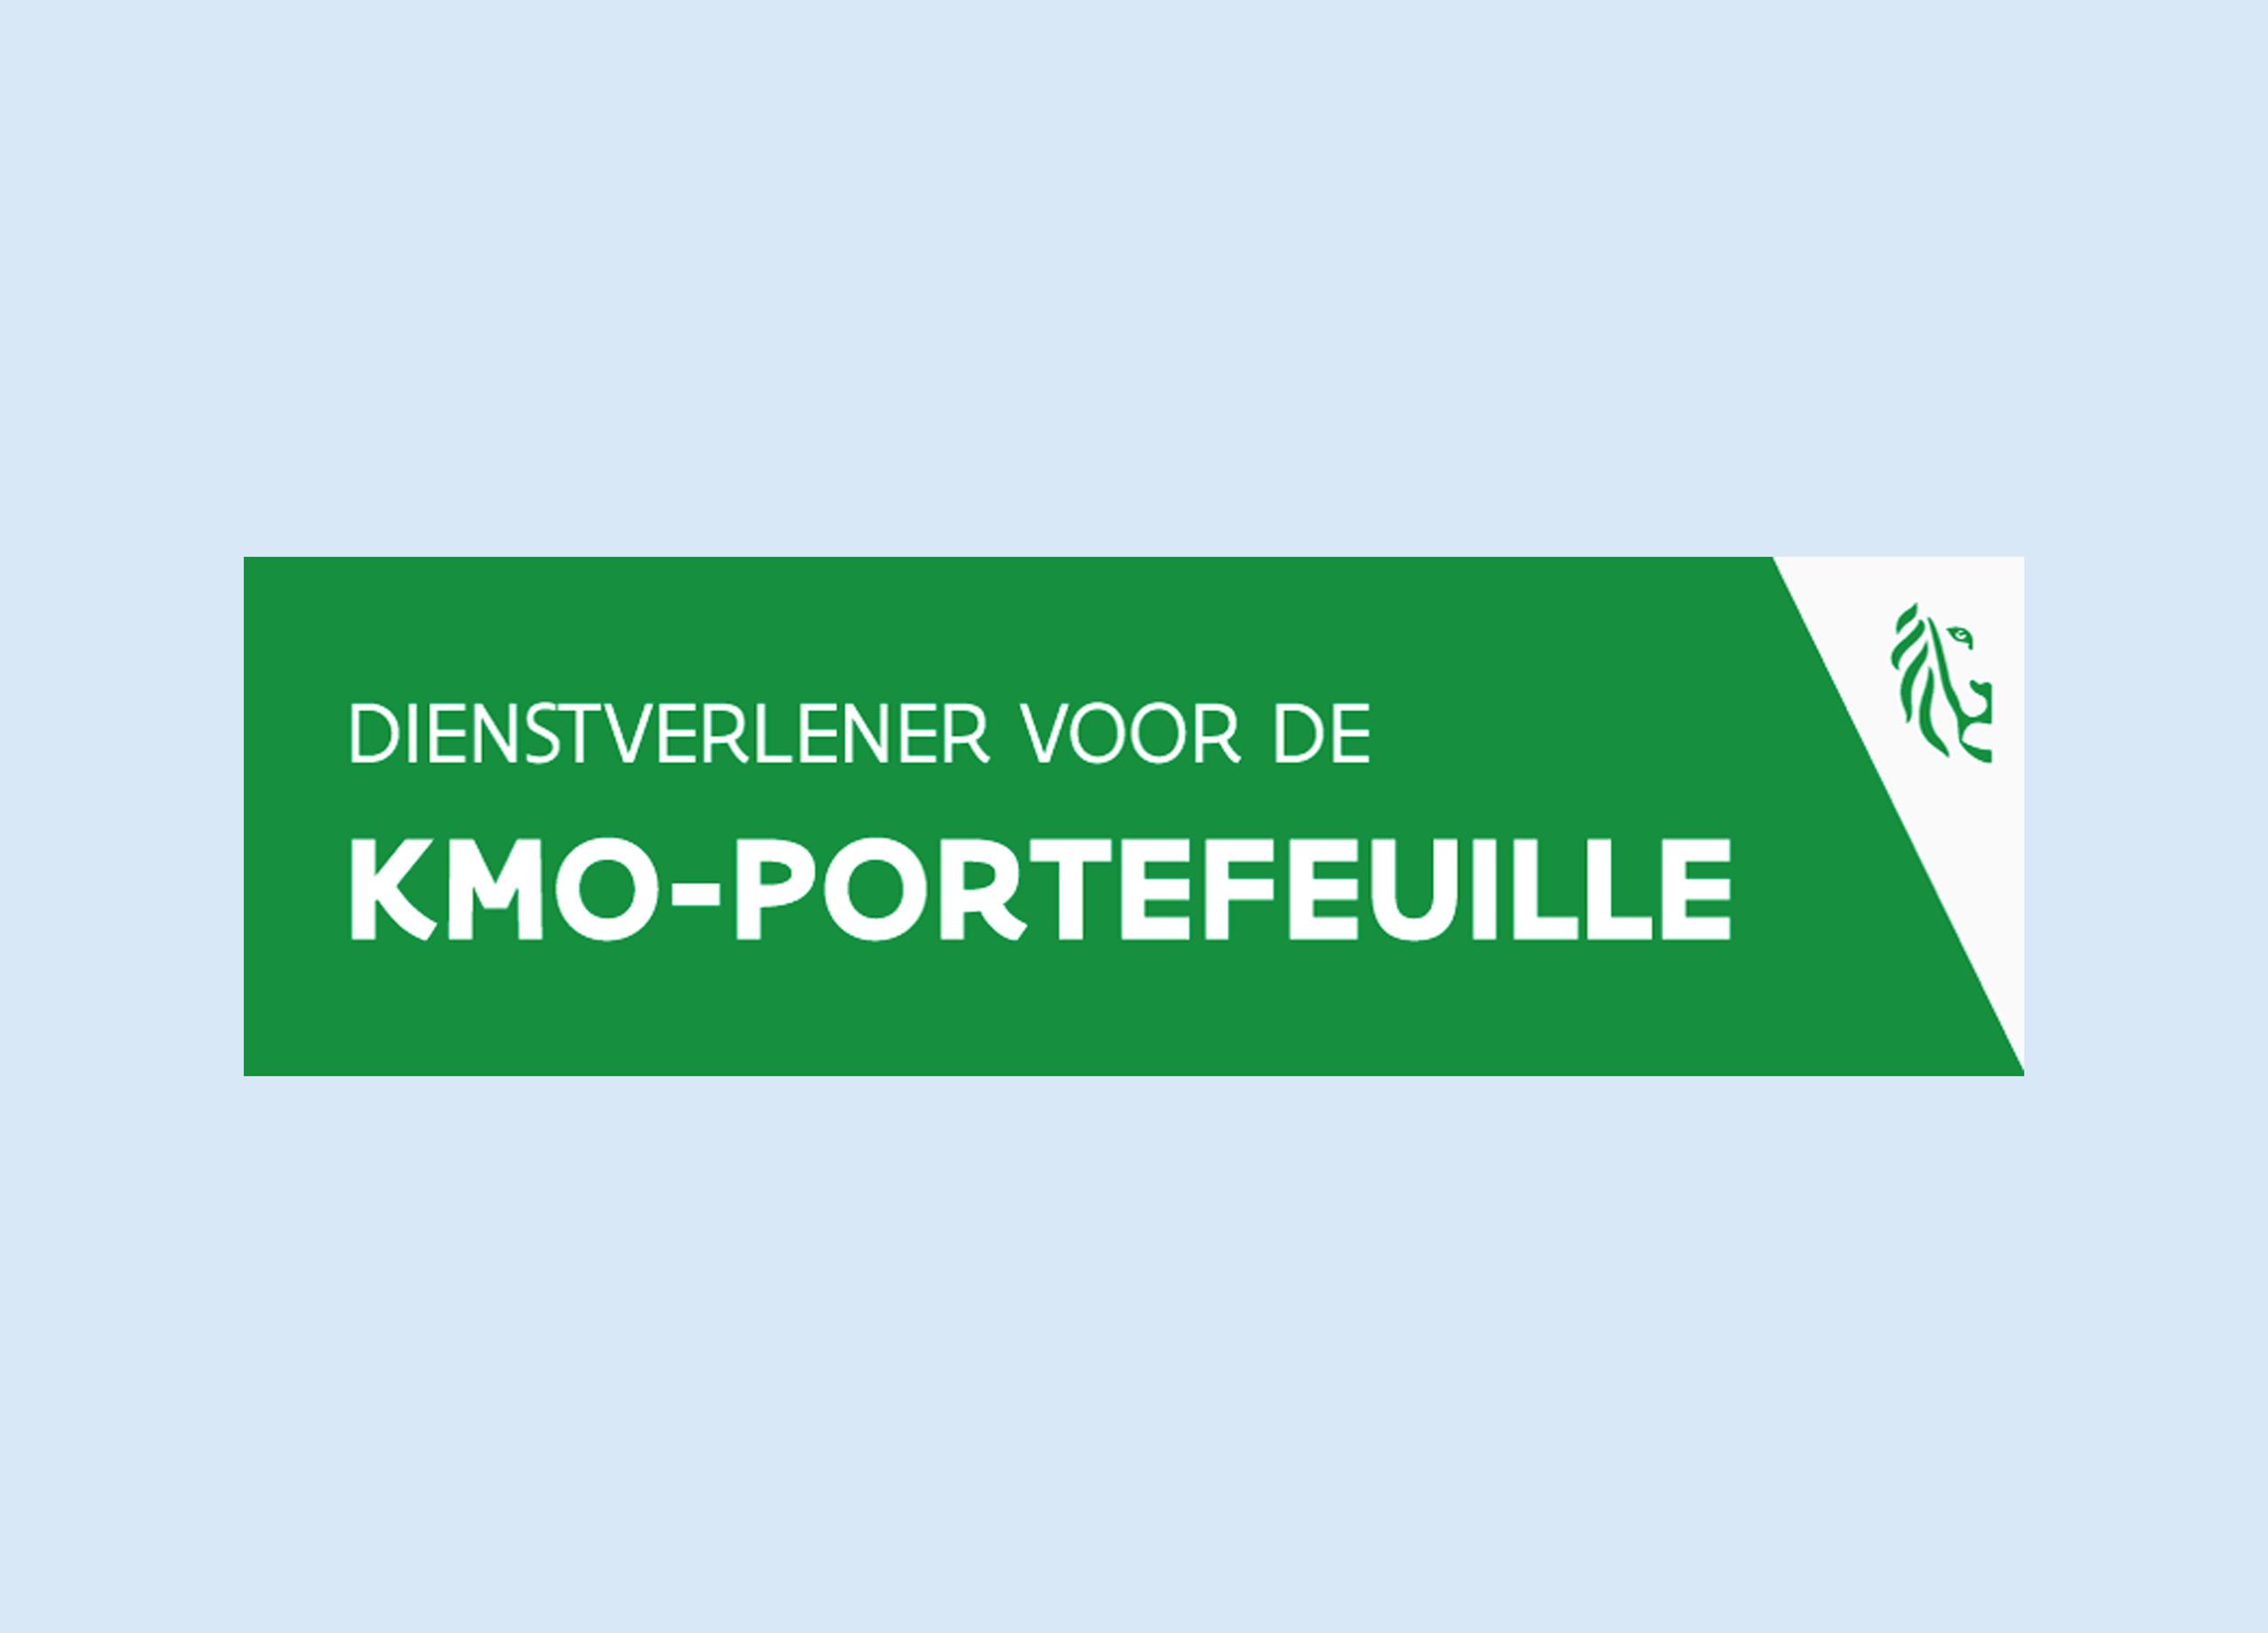 Officiële dienstverlener KMO-portefeuille